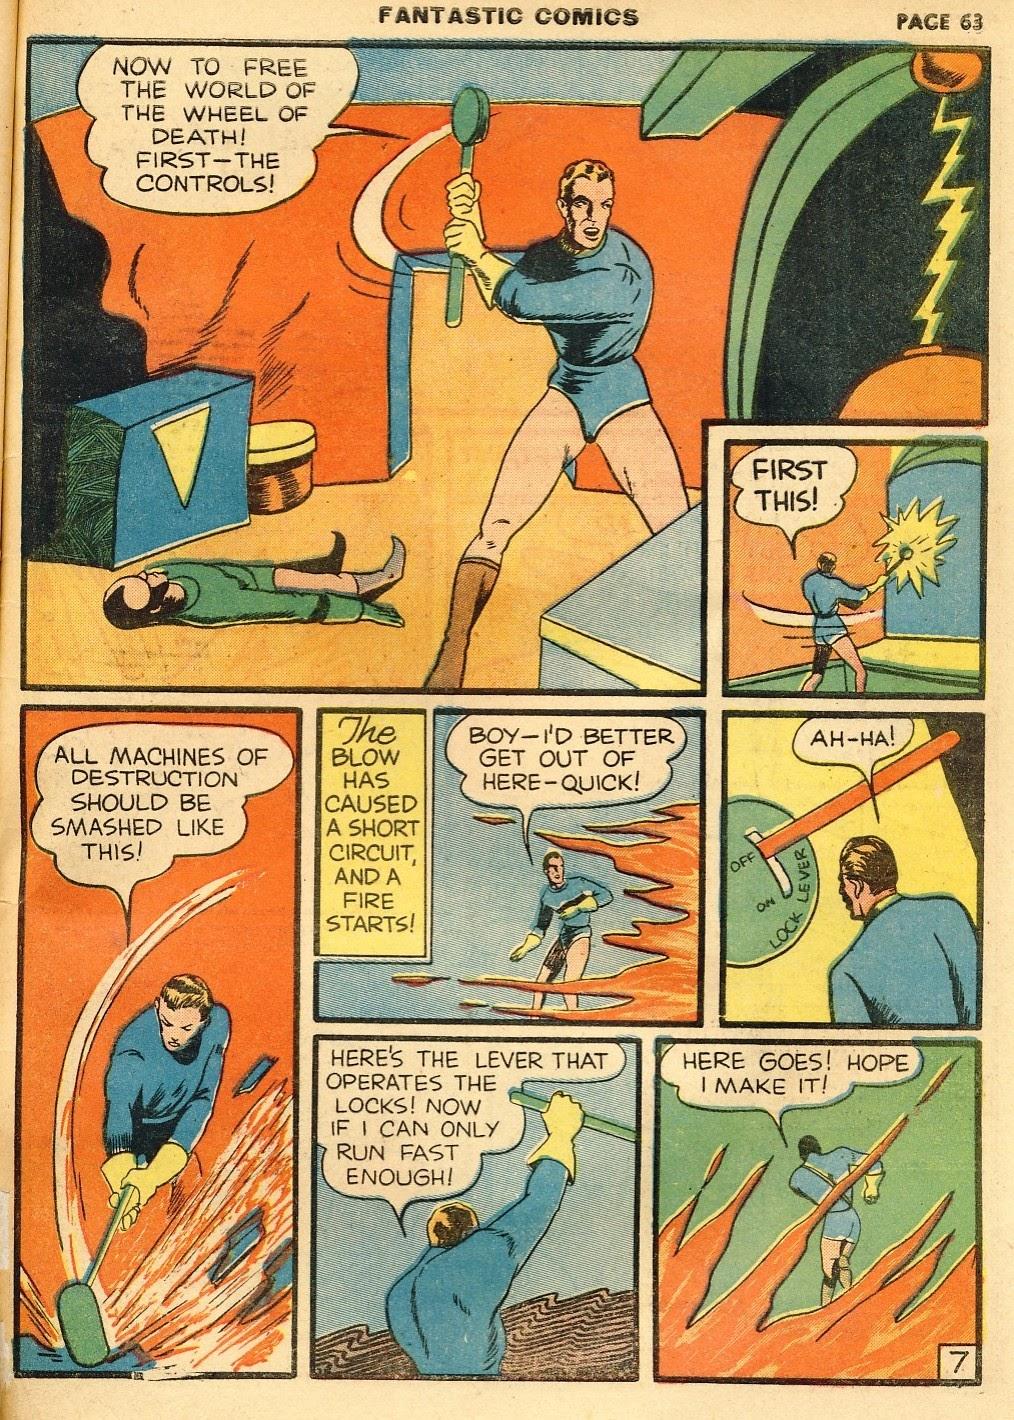 Read online Fantastic Comics comic -  Issue #10 - 64